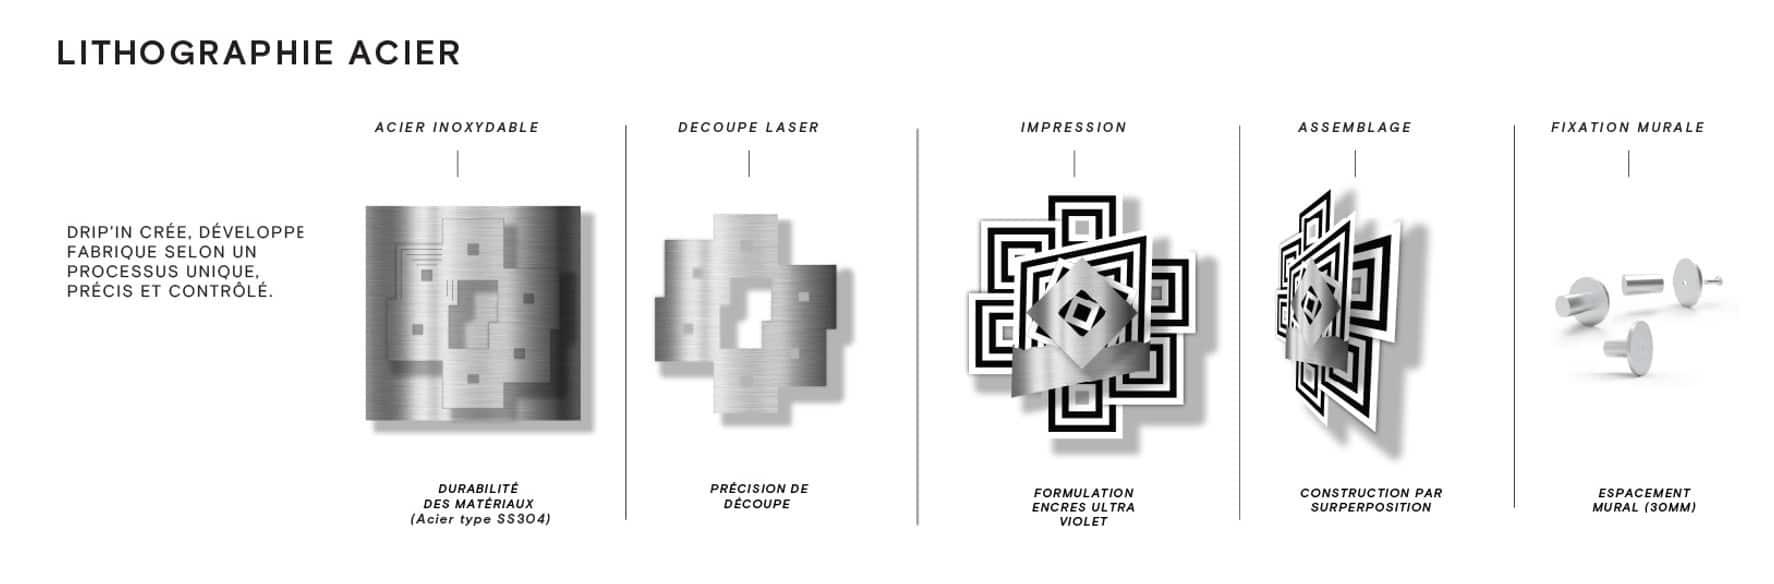 Procédé de fabrication des lithographies acier - DRIP'IN Studio